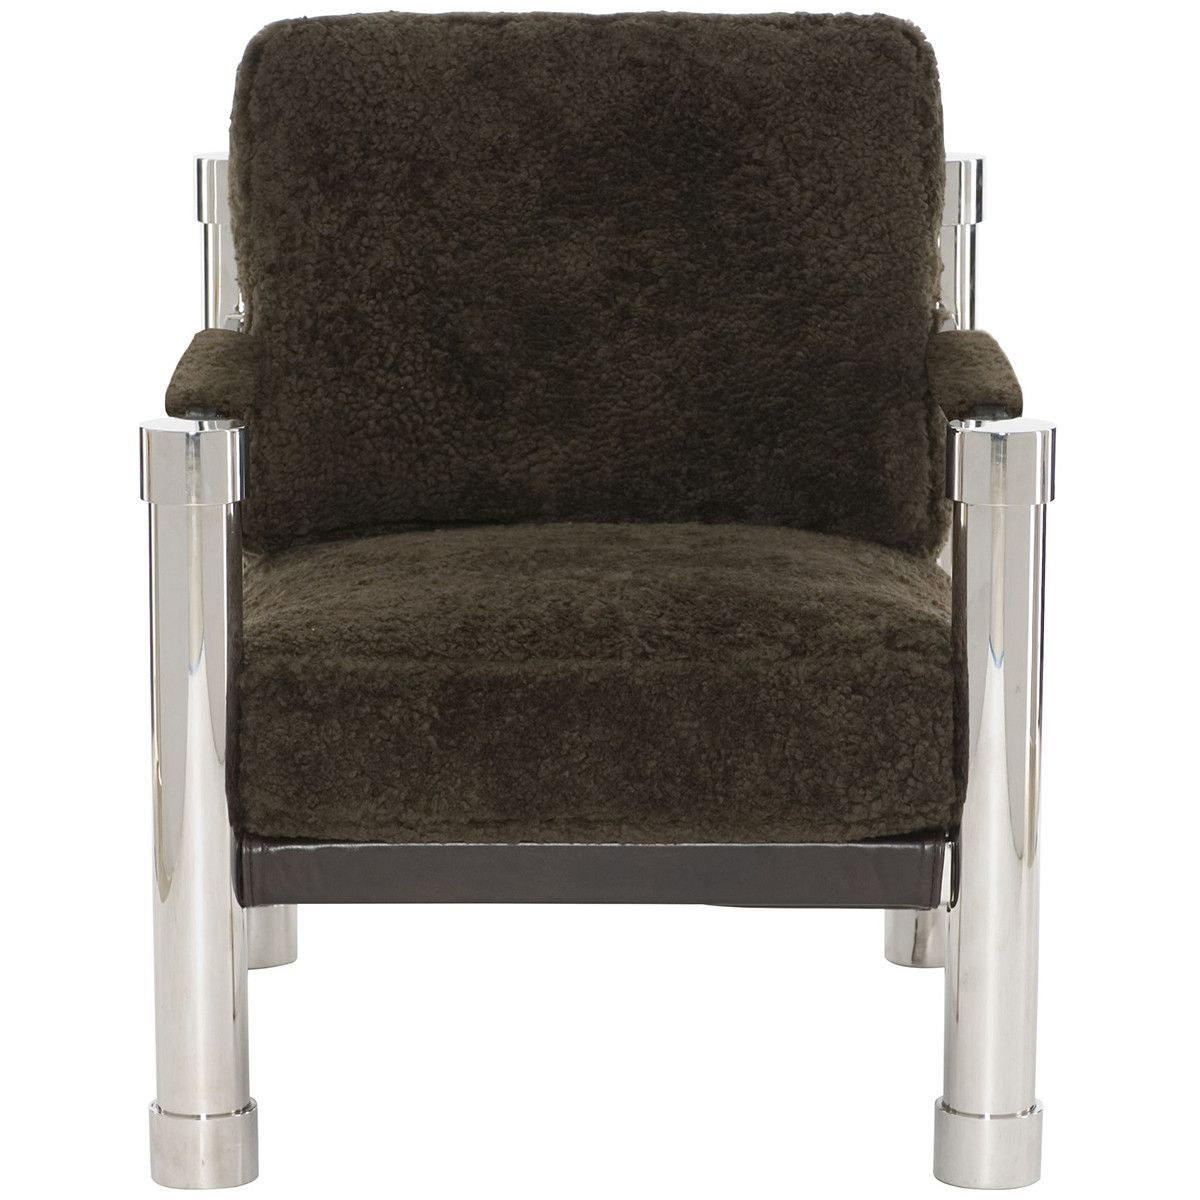 Bernhardt Interiors Shawn Chair